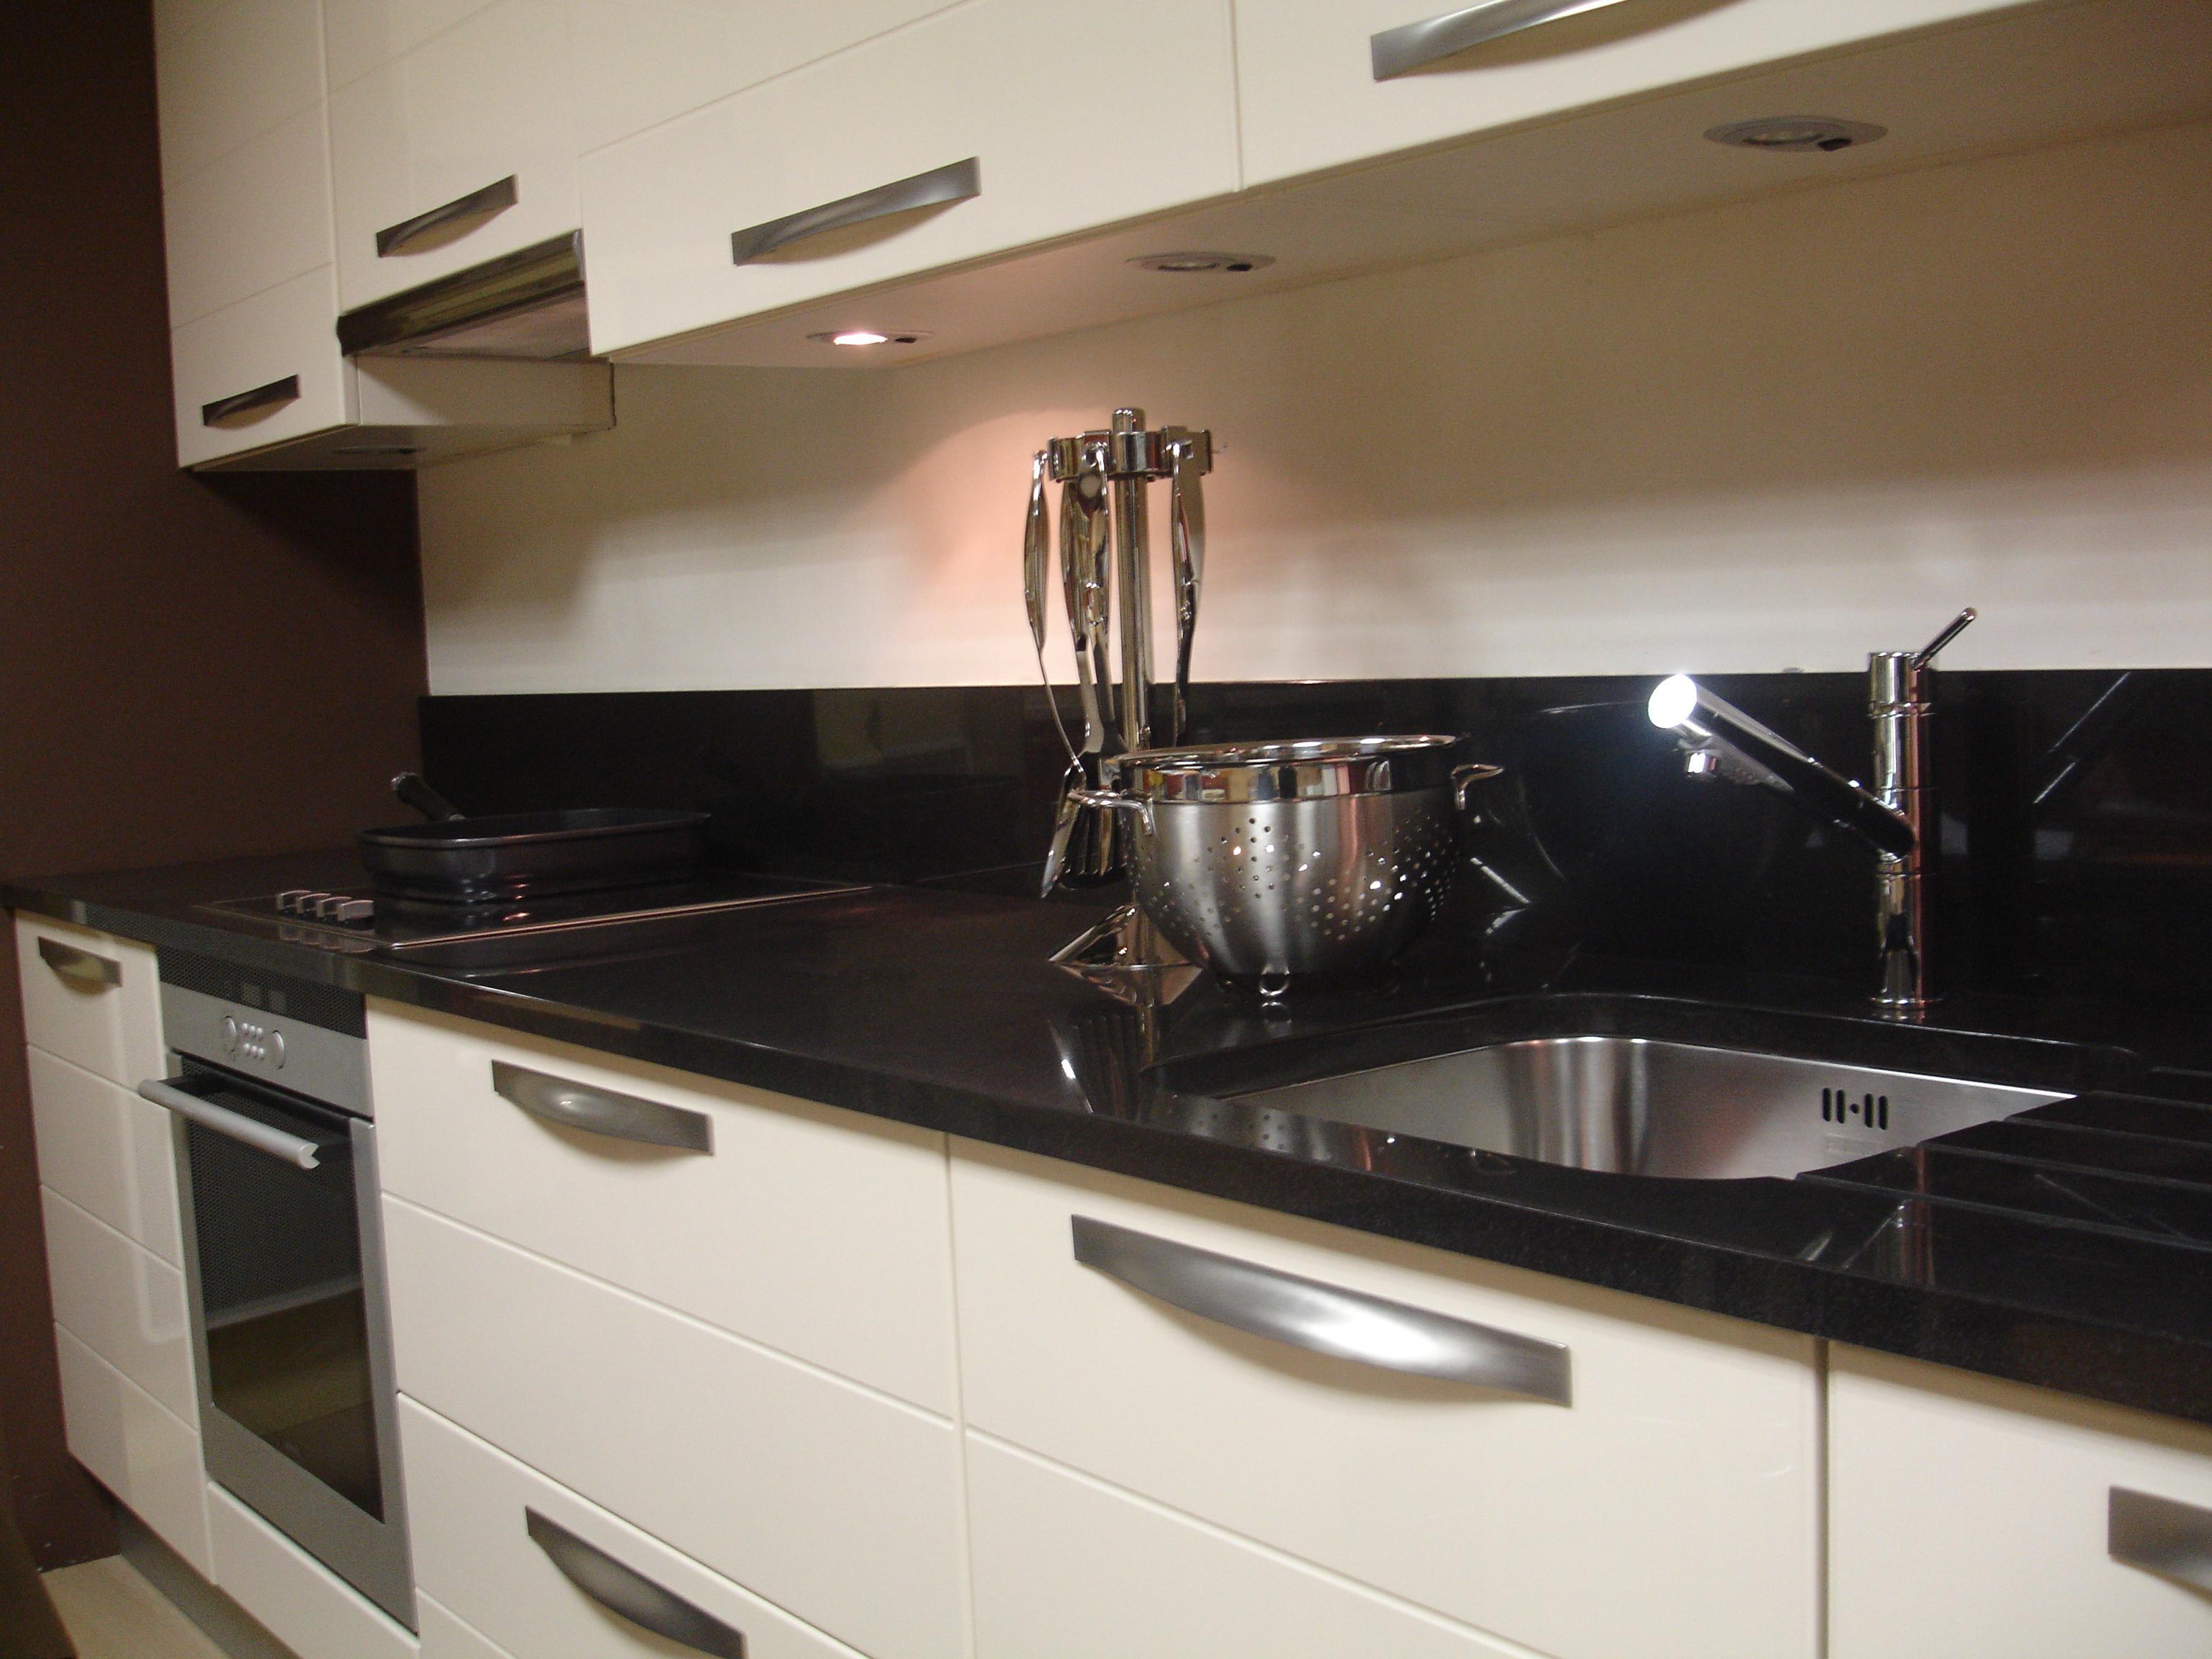 quel evier sur plan de travail noir lille maison. Black Bedroom Furniture Sets. Home Design Ideas